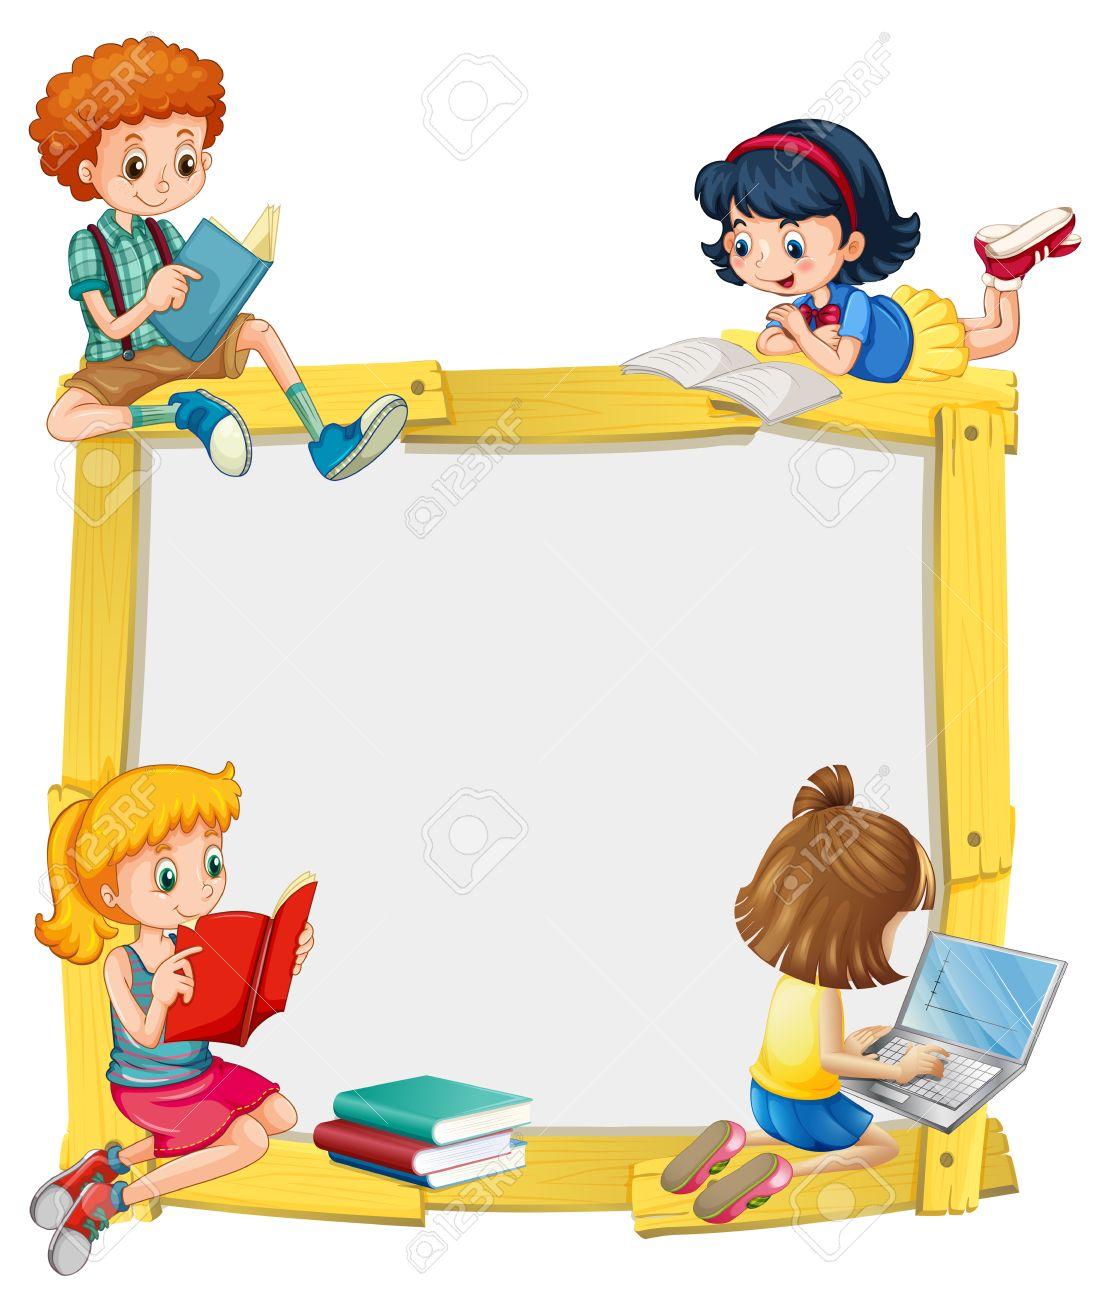 子供の読書と宿題イラストとボーダー デザインのイラスト素材ベクタ